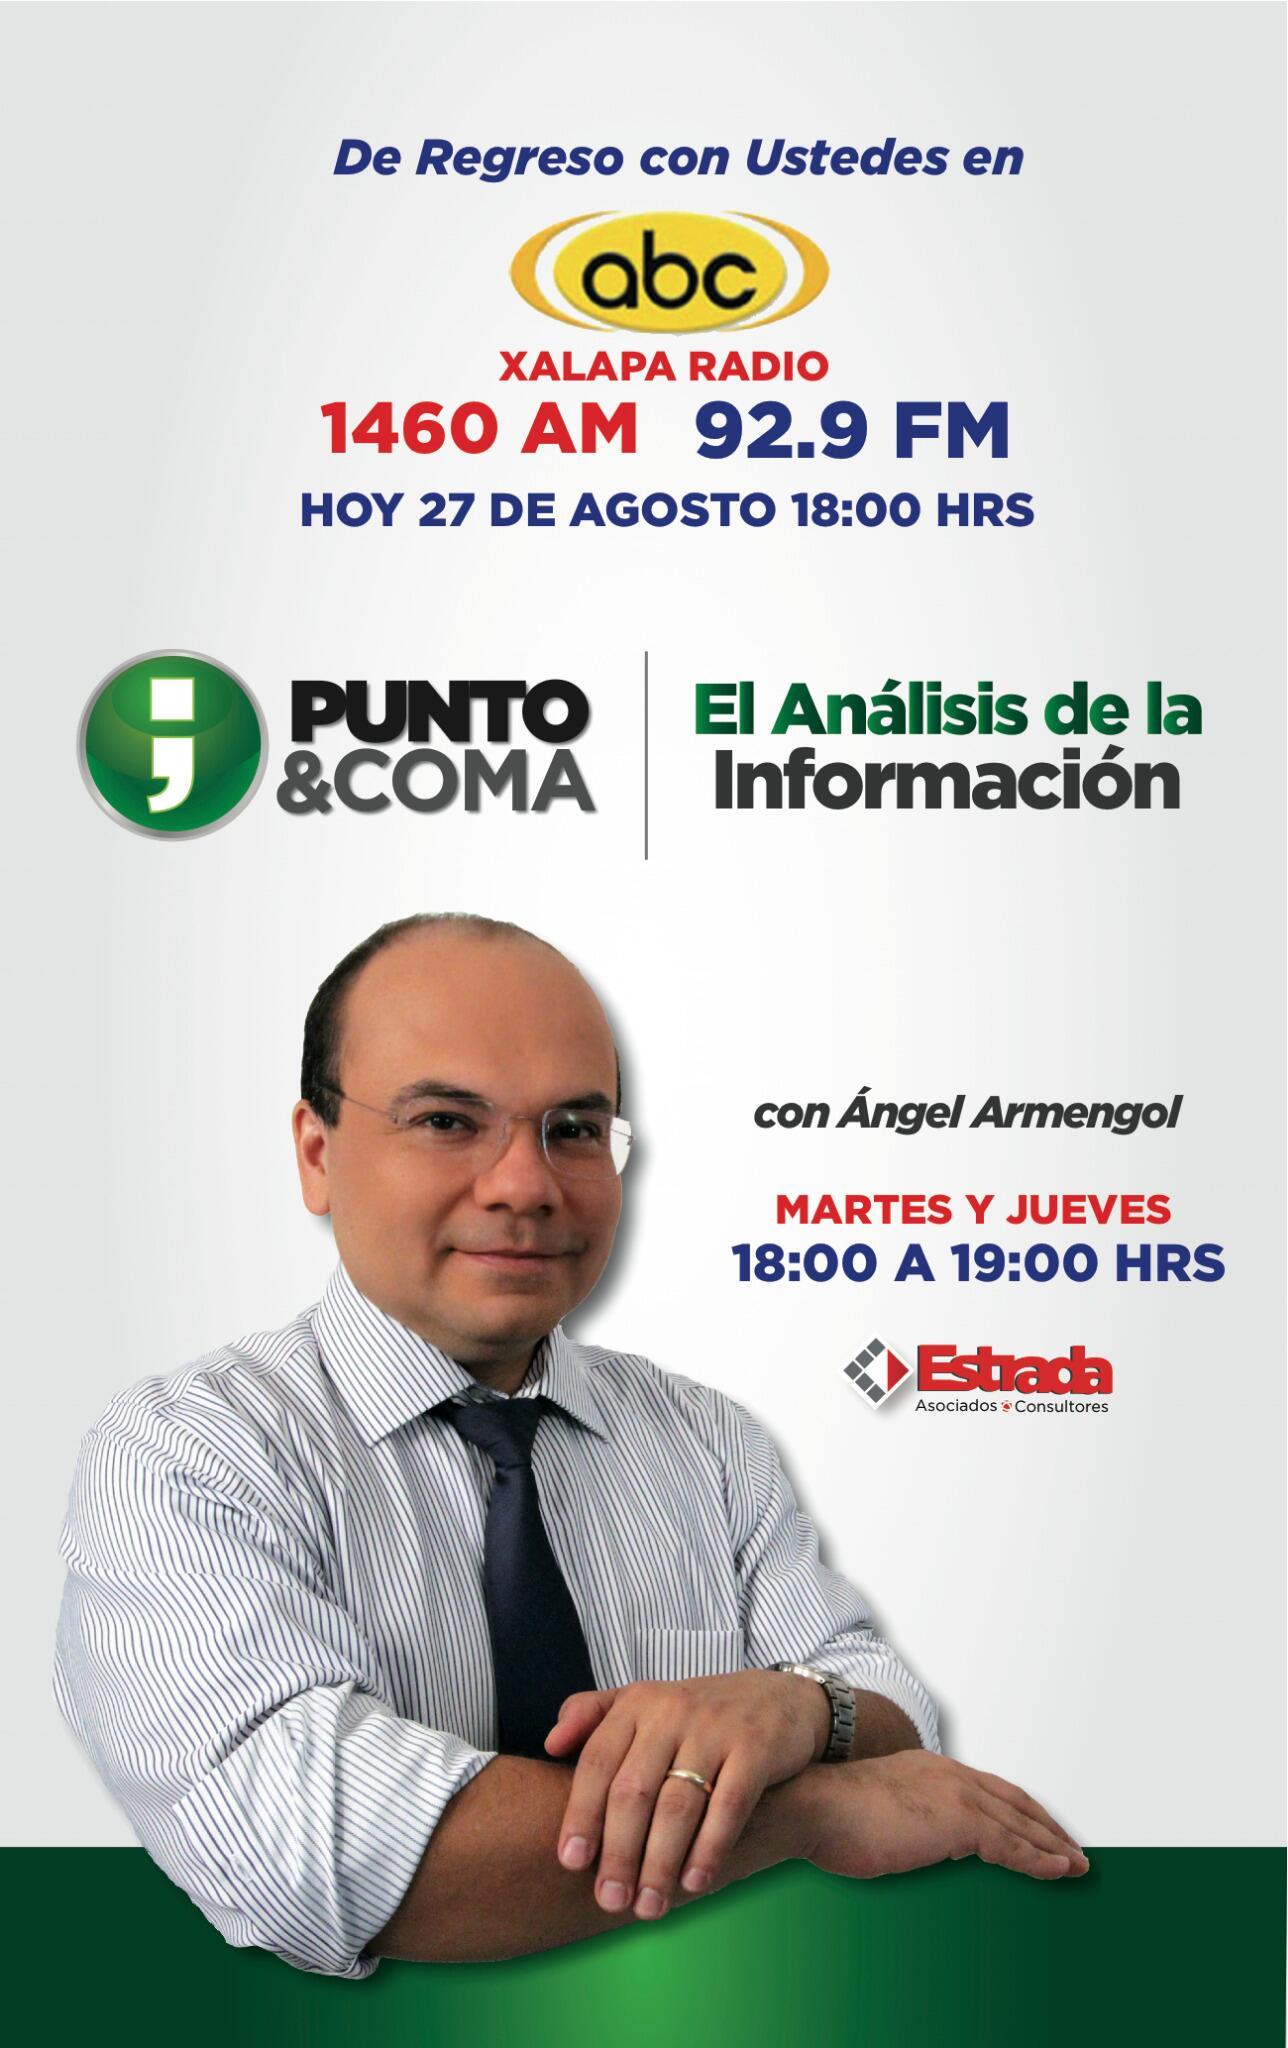 Acompáñenme hoy, a las 6 pm, en el 92.9 FM, ABC #Xalapa #Radio en un nuevo espacio de análisis y opinión #PuntoyComa http://t.co/4KlaZj8hwI